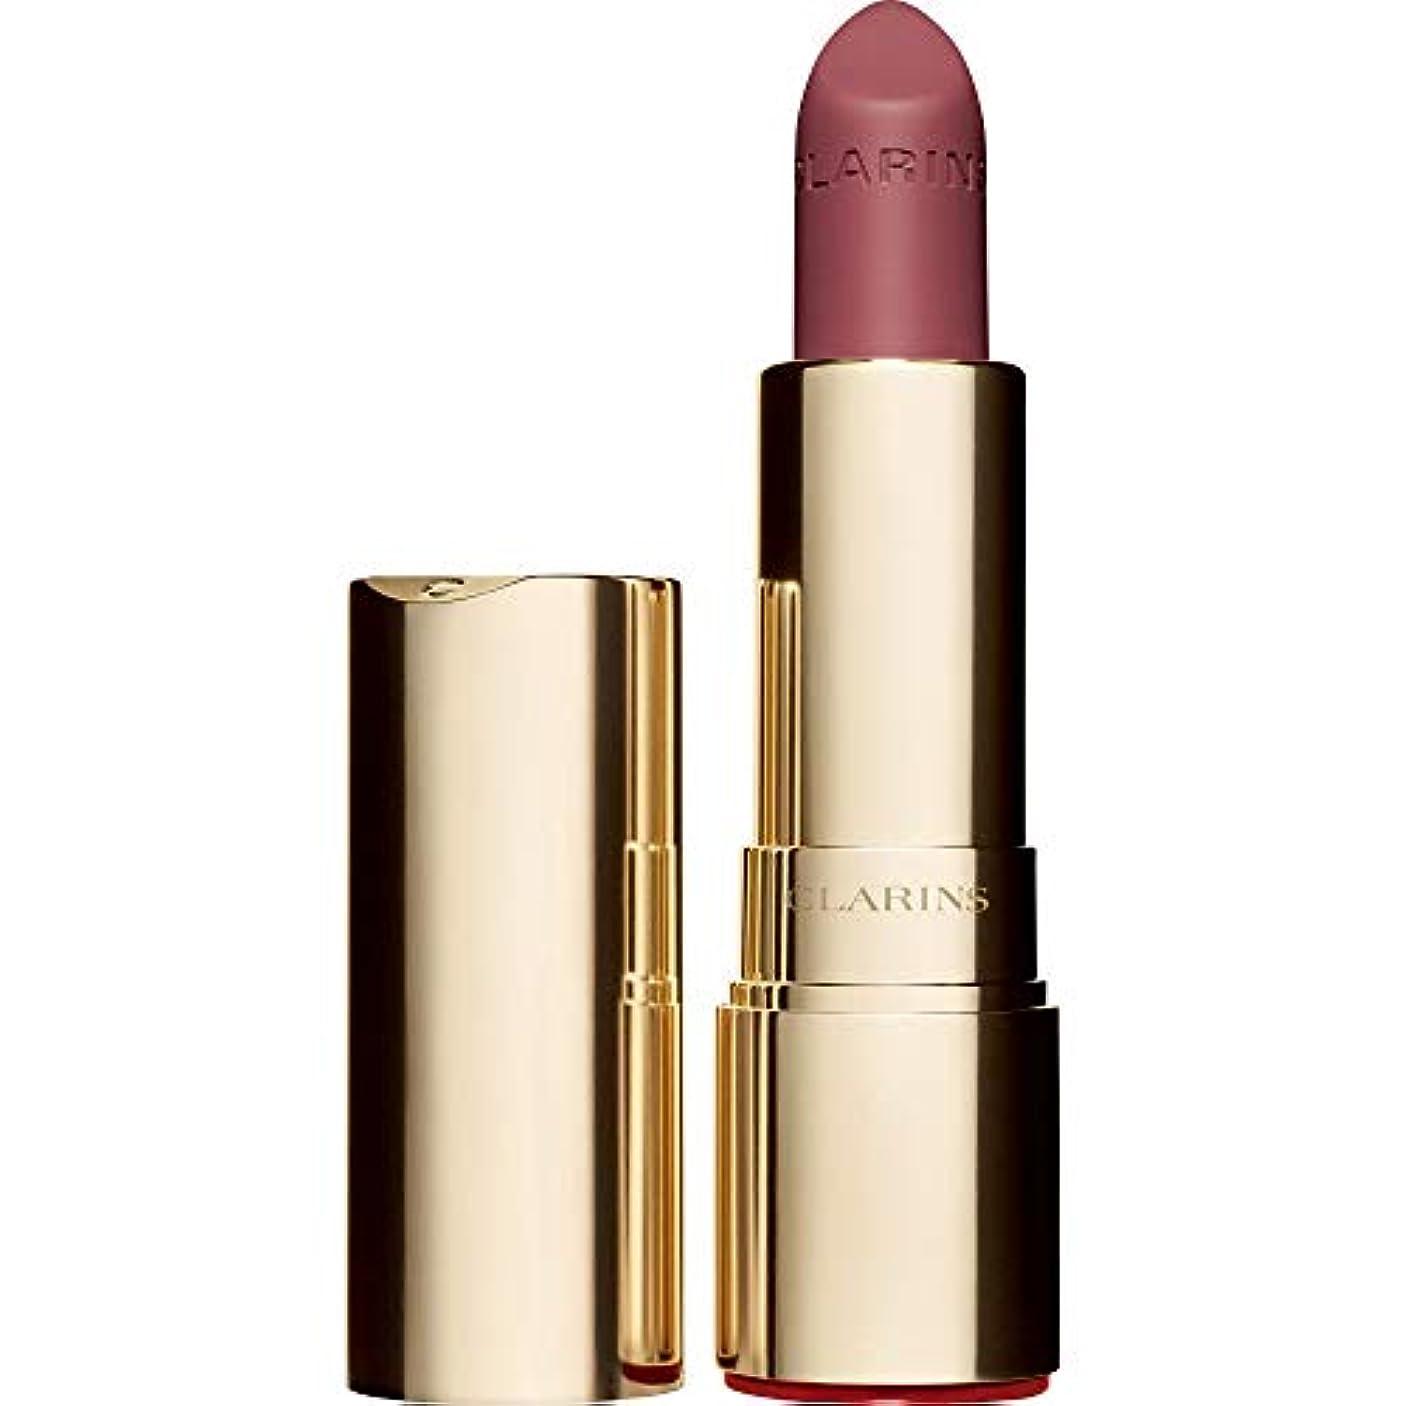 船外物思いにふける副詞[Clarins] クラランスジョリルージュベルベットの口紅3.5グラムの731V - ベリーローズ - Clarins Joli Rouge Velvet Lipstick 3.5g 731V - Rose Berry [並行輸入品]